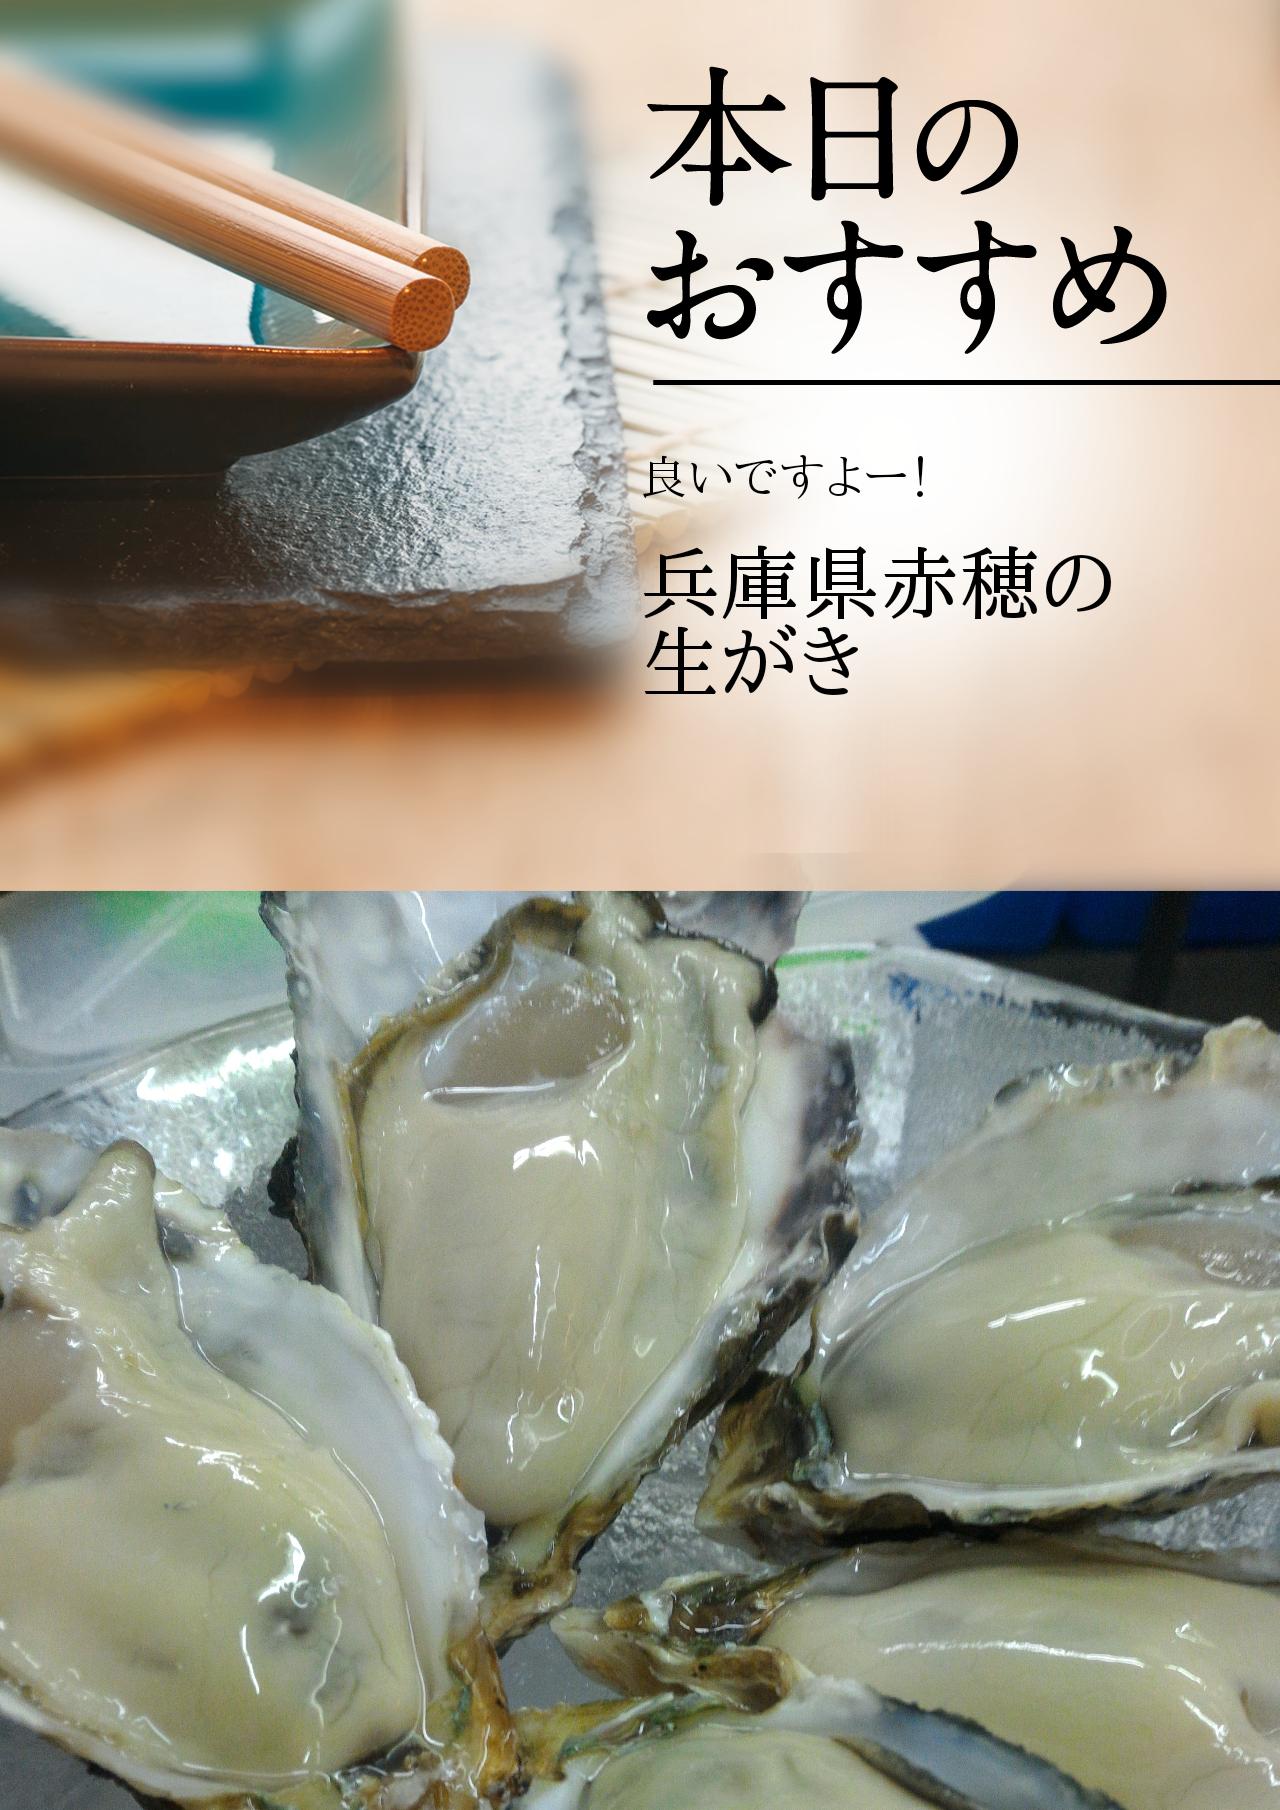 赤穂の牡蠣を楽しいアプリで。